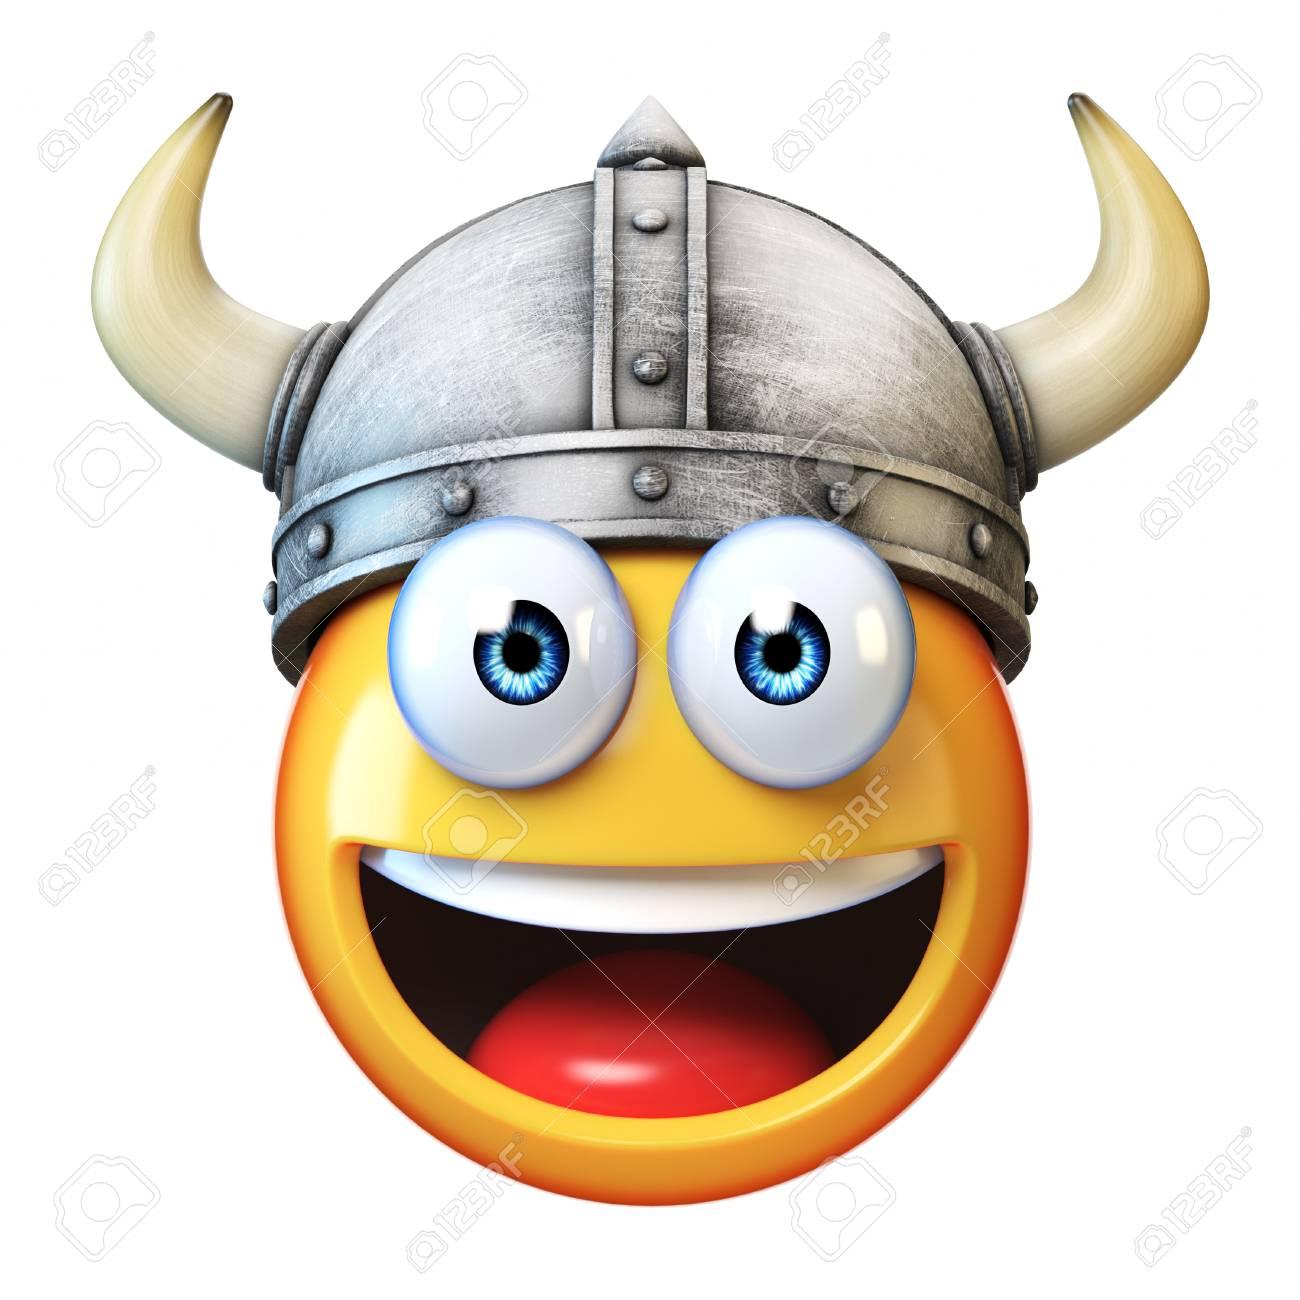 Viking emoji isolated on white background, emoticon wearing Viking